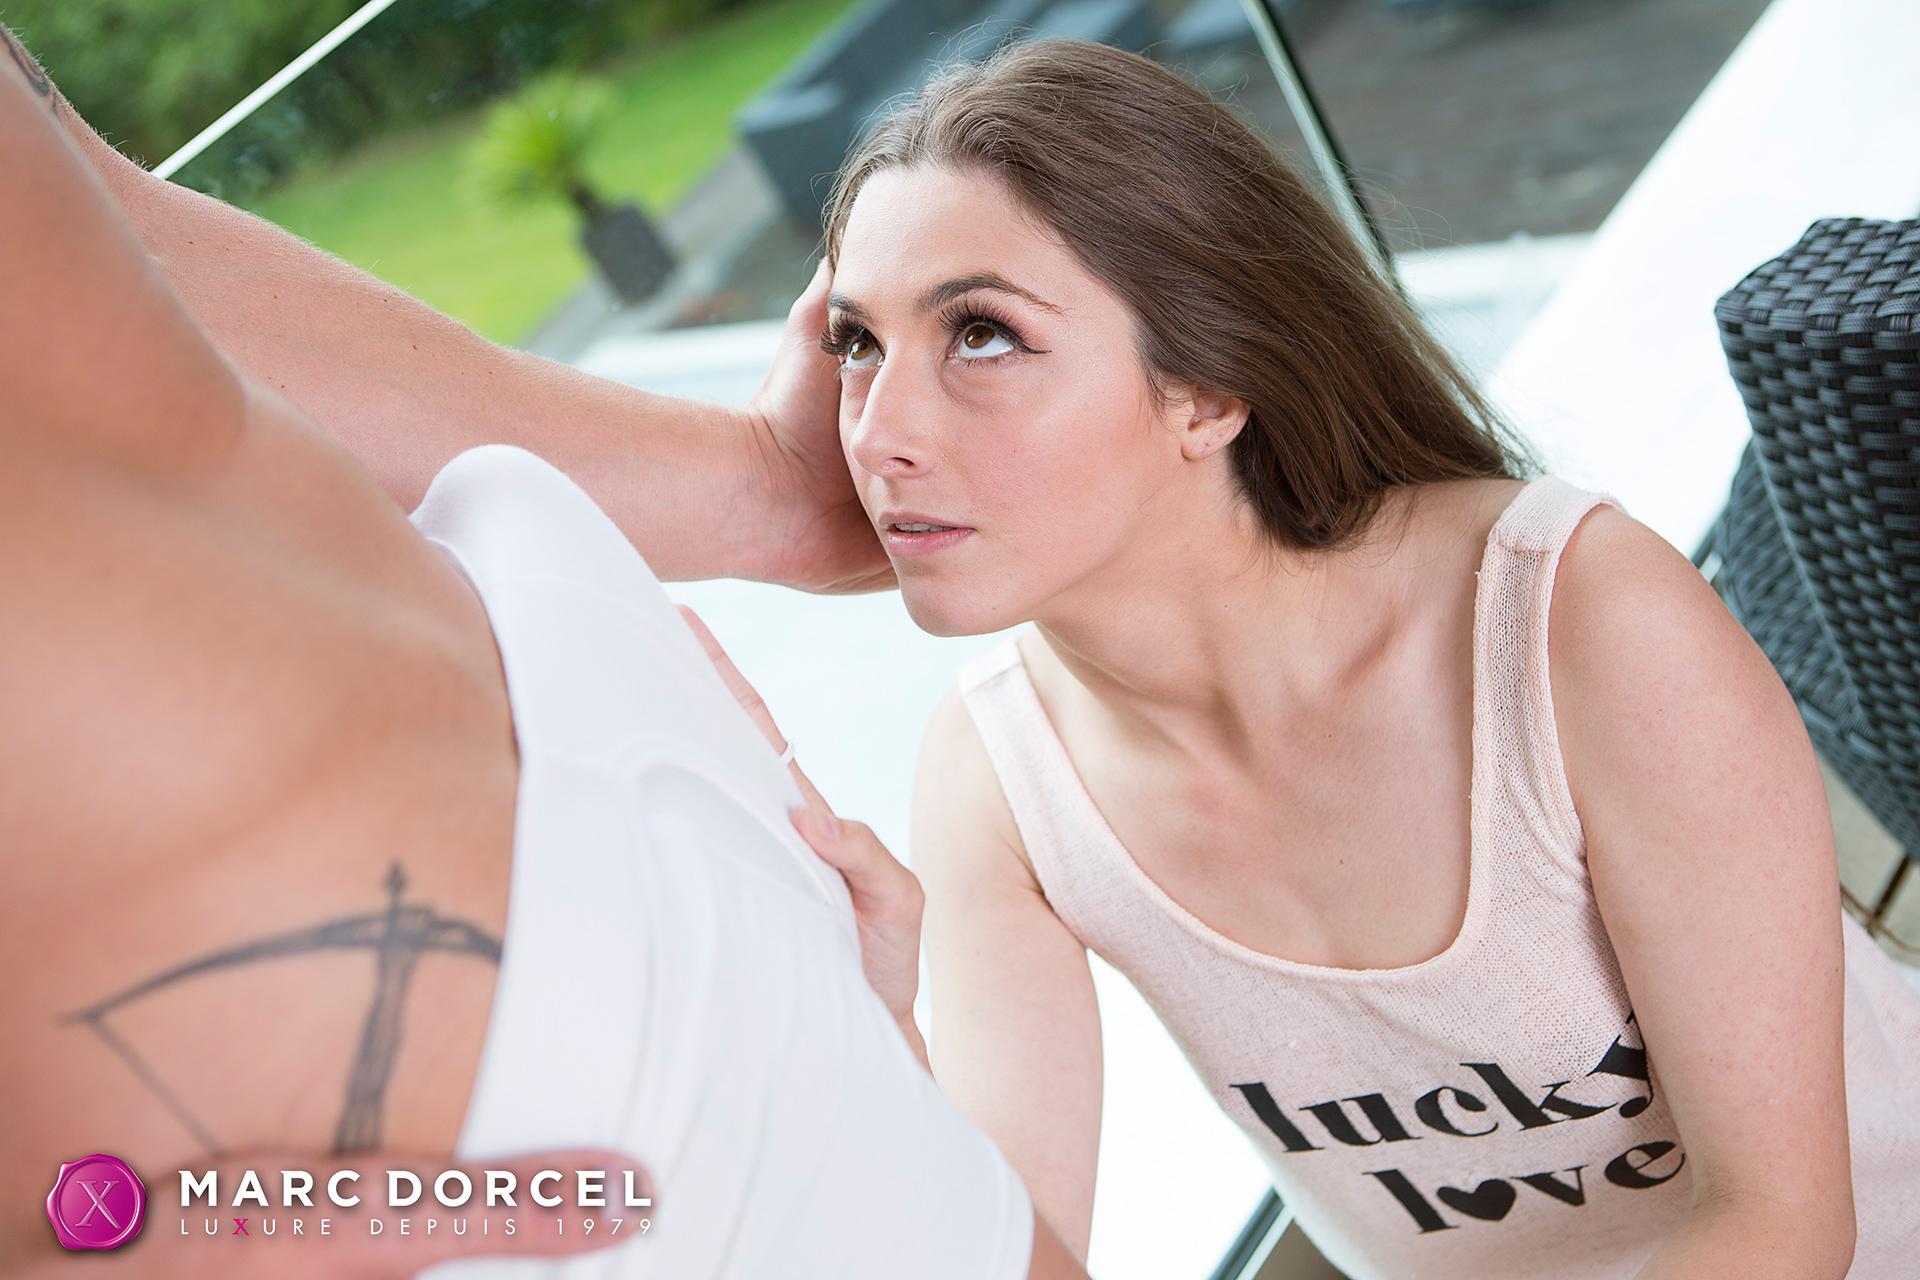 Morgan leyla sex leyla morgan porn